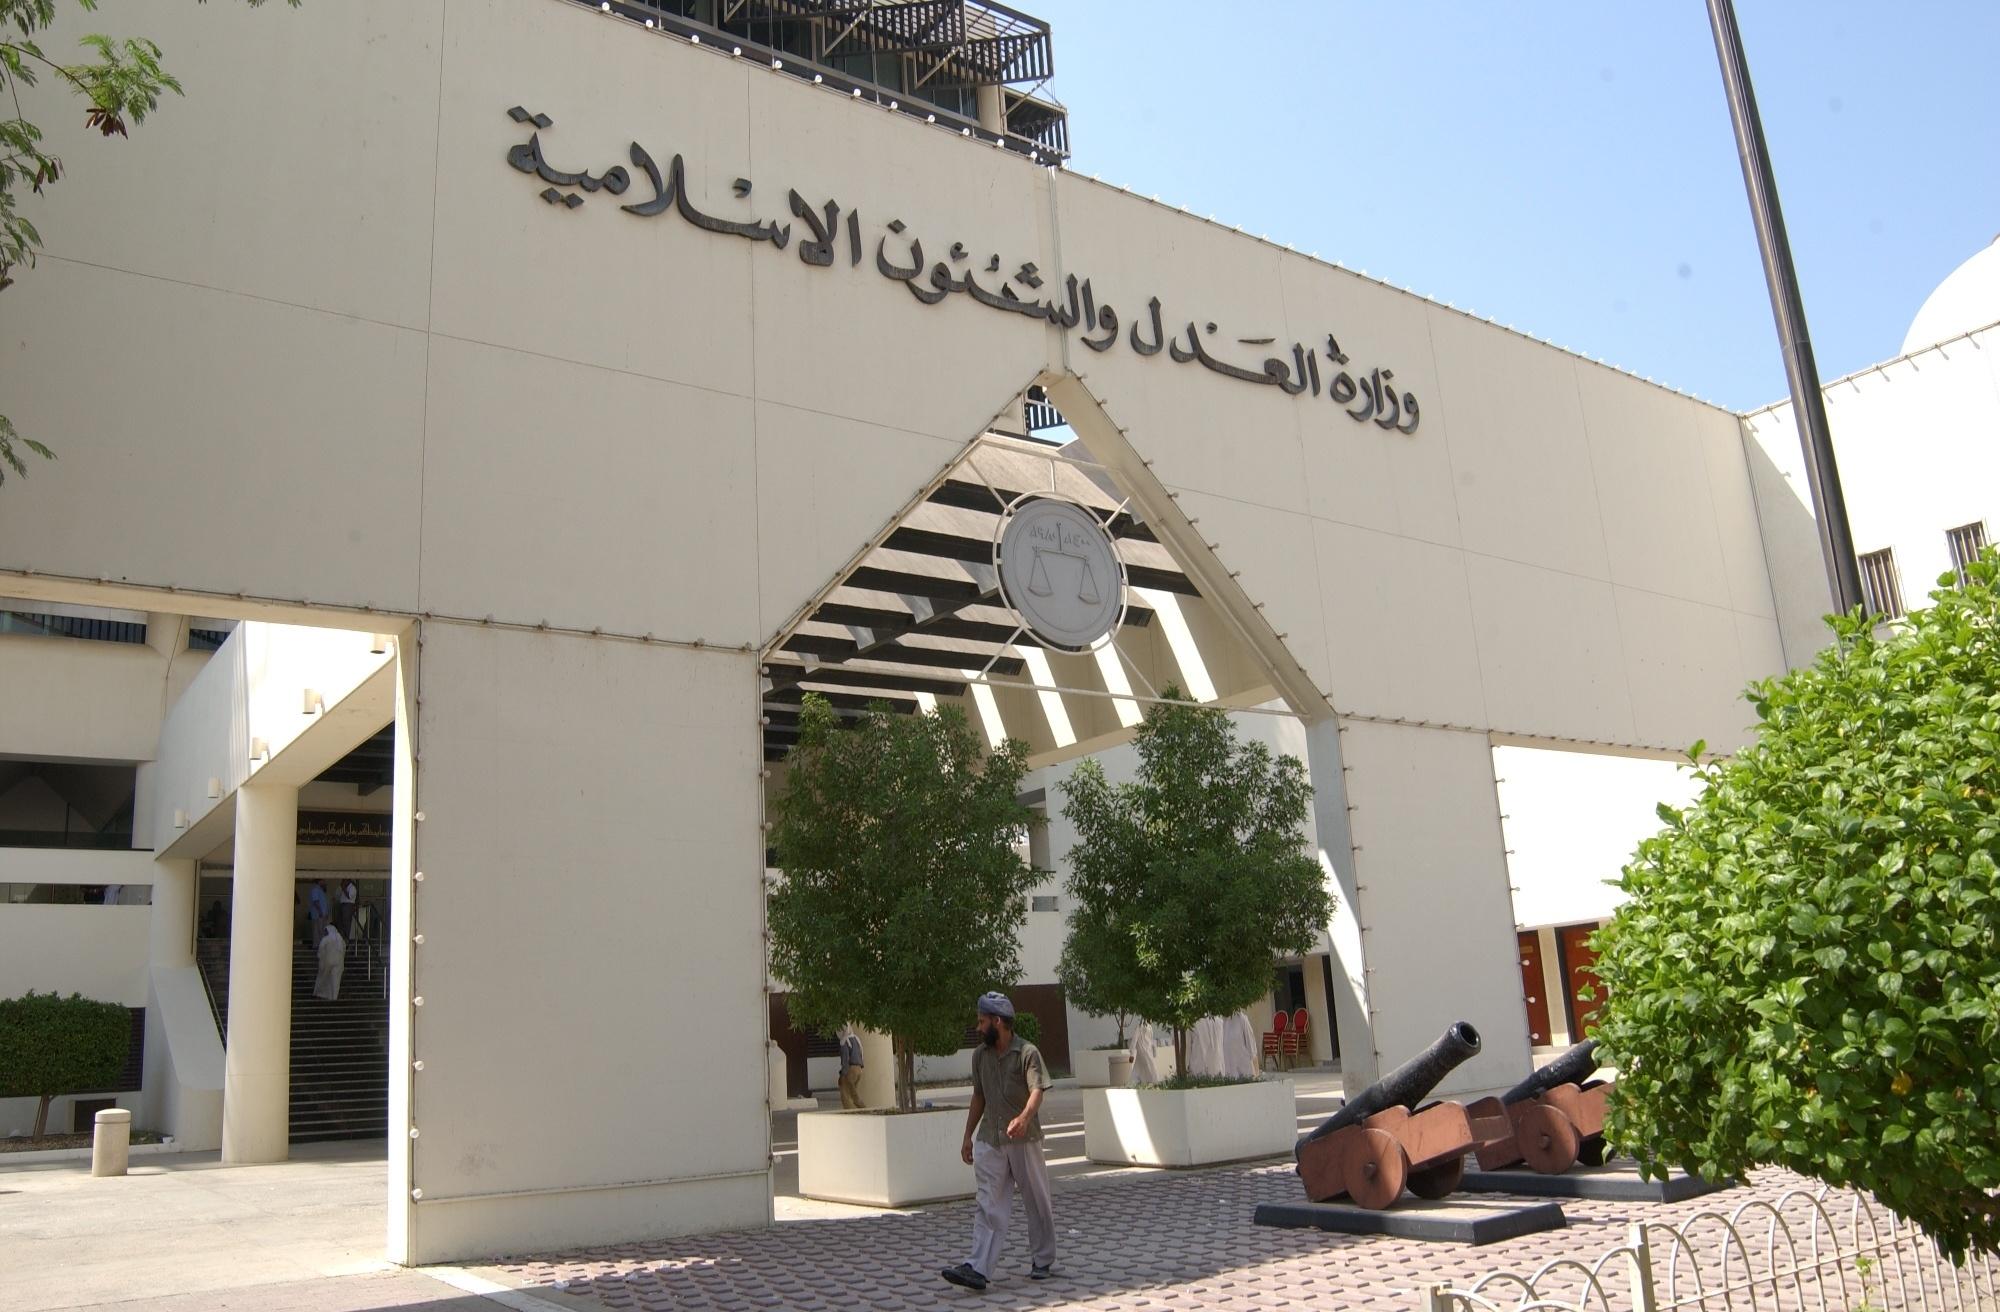 دادستان کل بحرین ازپایان روند تحقیق با یازده عضو یک هسته تروریستی وابسته به ایران خبر داد